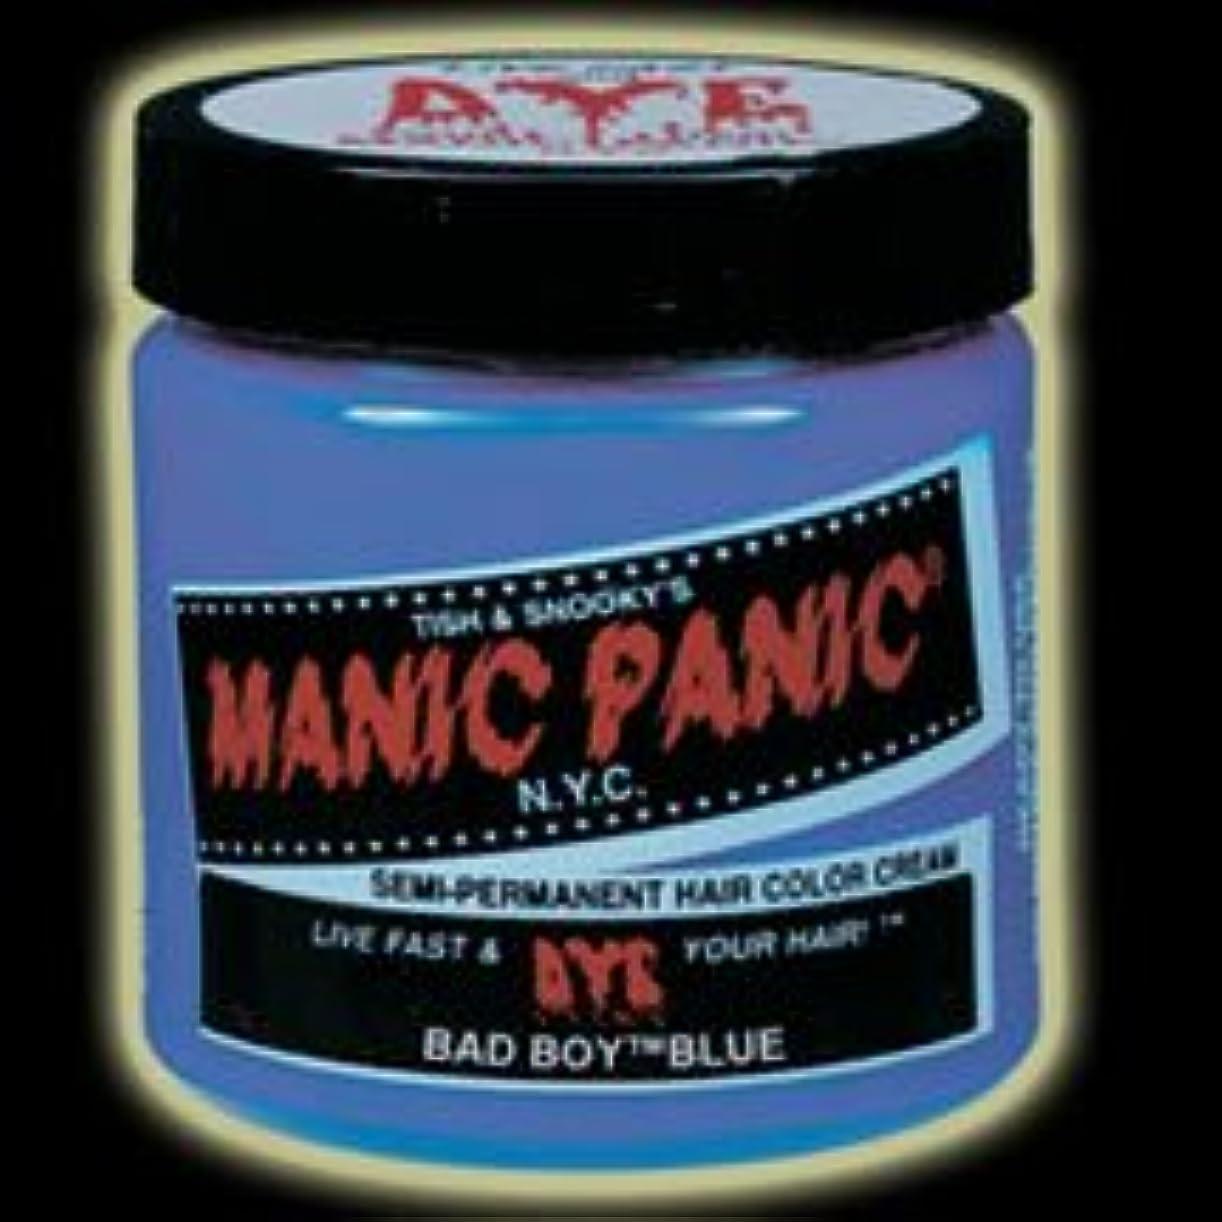 タービン授業料合意MANIC PANICマニックパニック:Bad Boy Blue (バッド?ボーイ?ブルー)